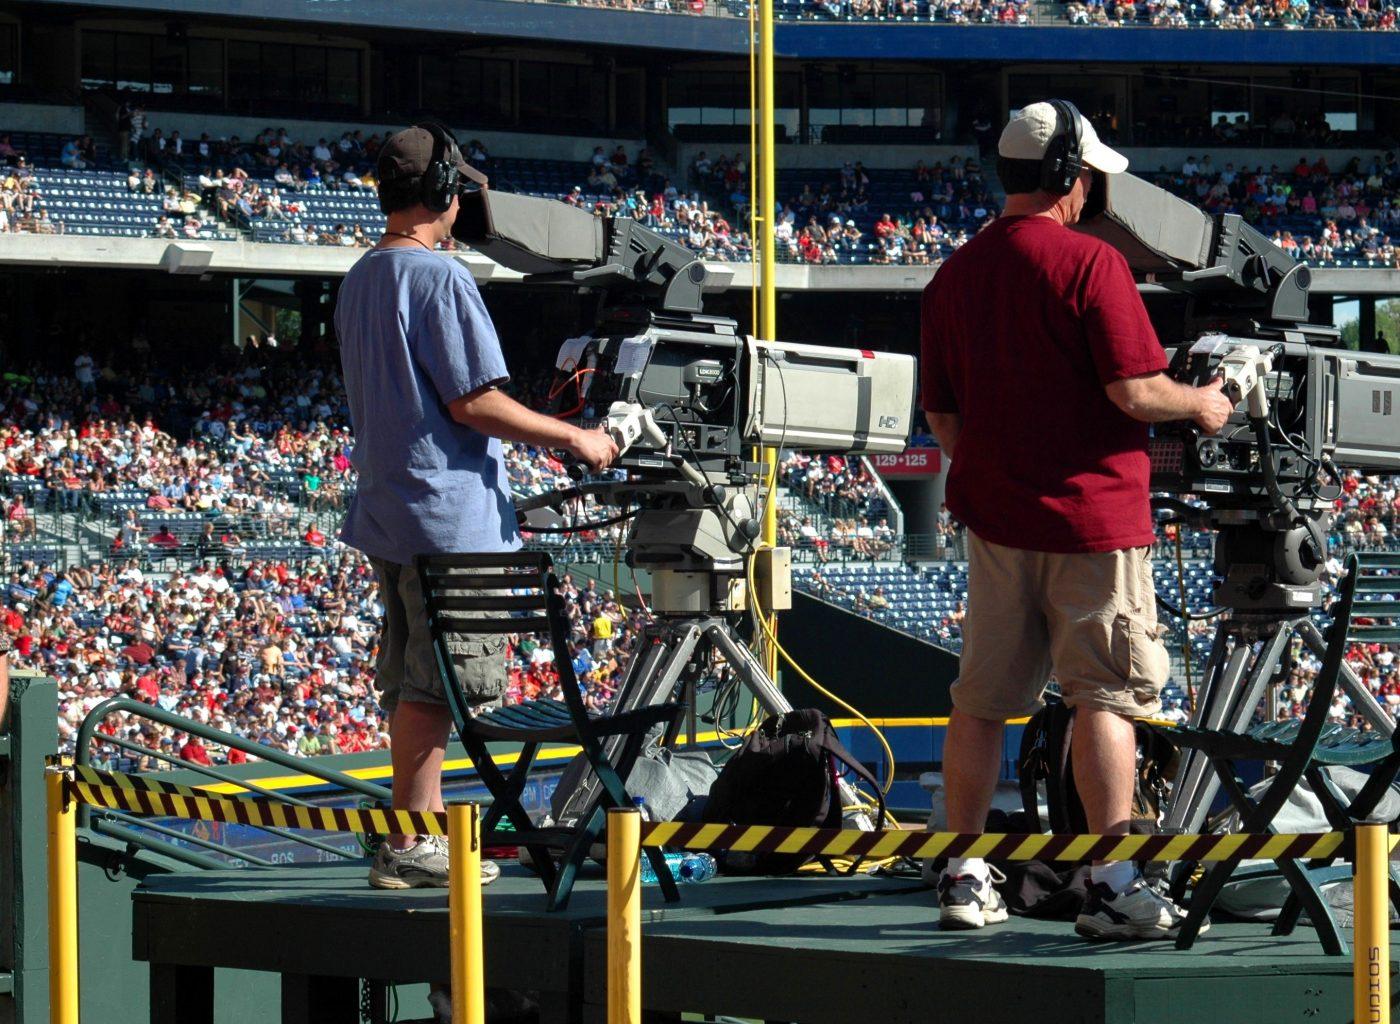 Deportes deportistas medios de comunicación